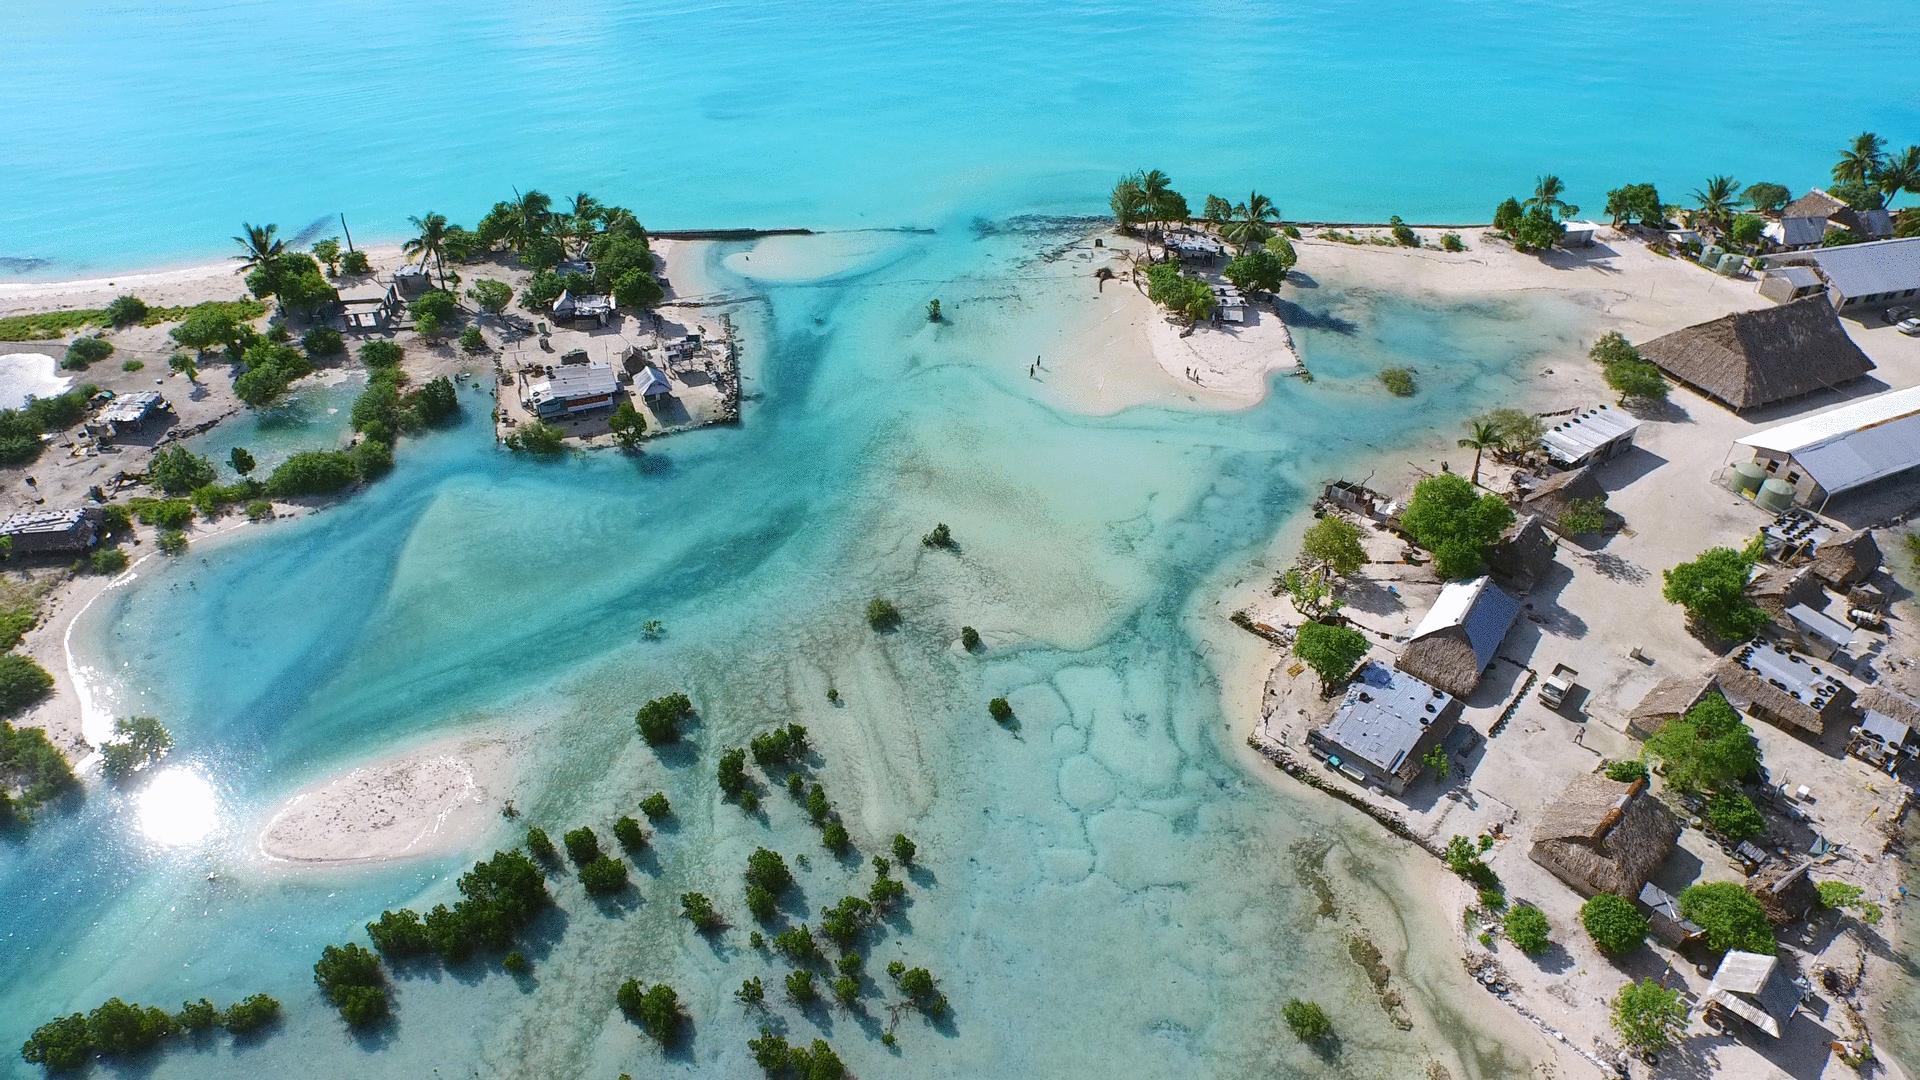 znikająca wyspa